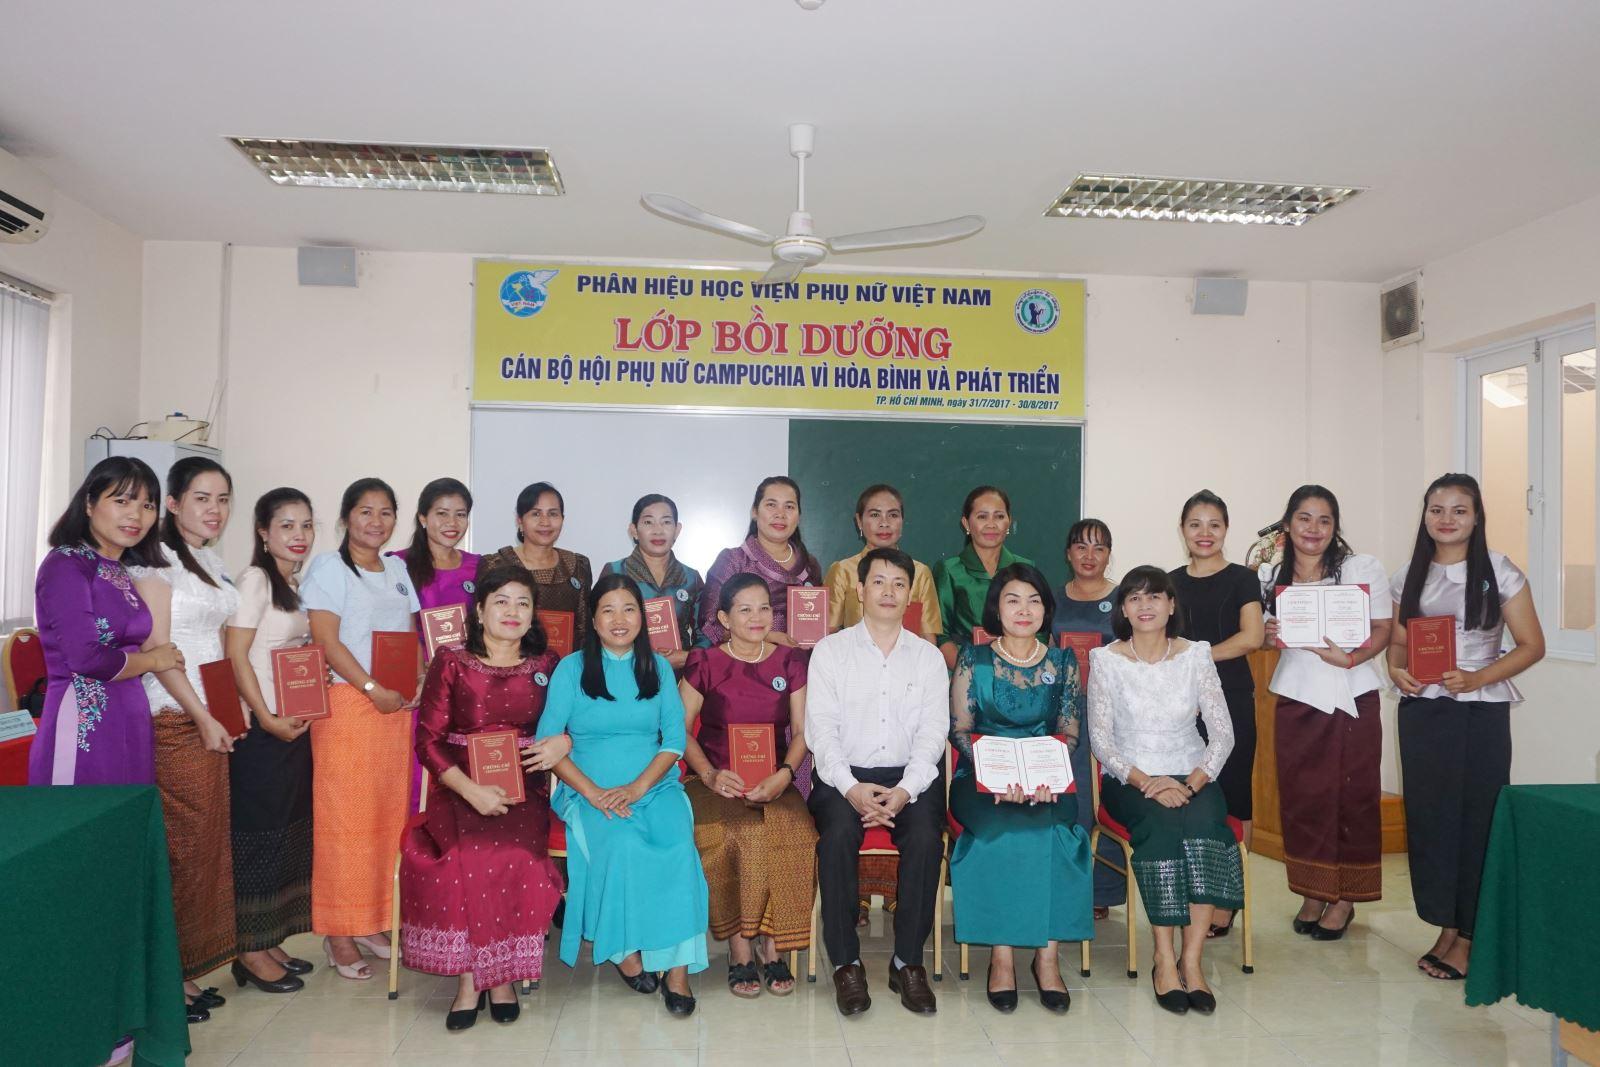 Bế giảng khóa bồi dưỡng nghiệp vụ công tác phụ nữ và kỹ năng lãnh đạo dành cho cán bộ Hội phụ nữ Campuchia vì hòa bình và phát triển